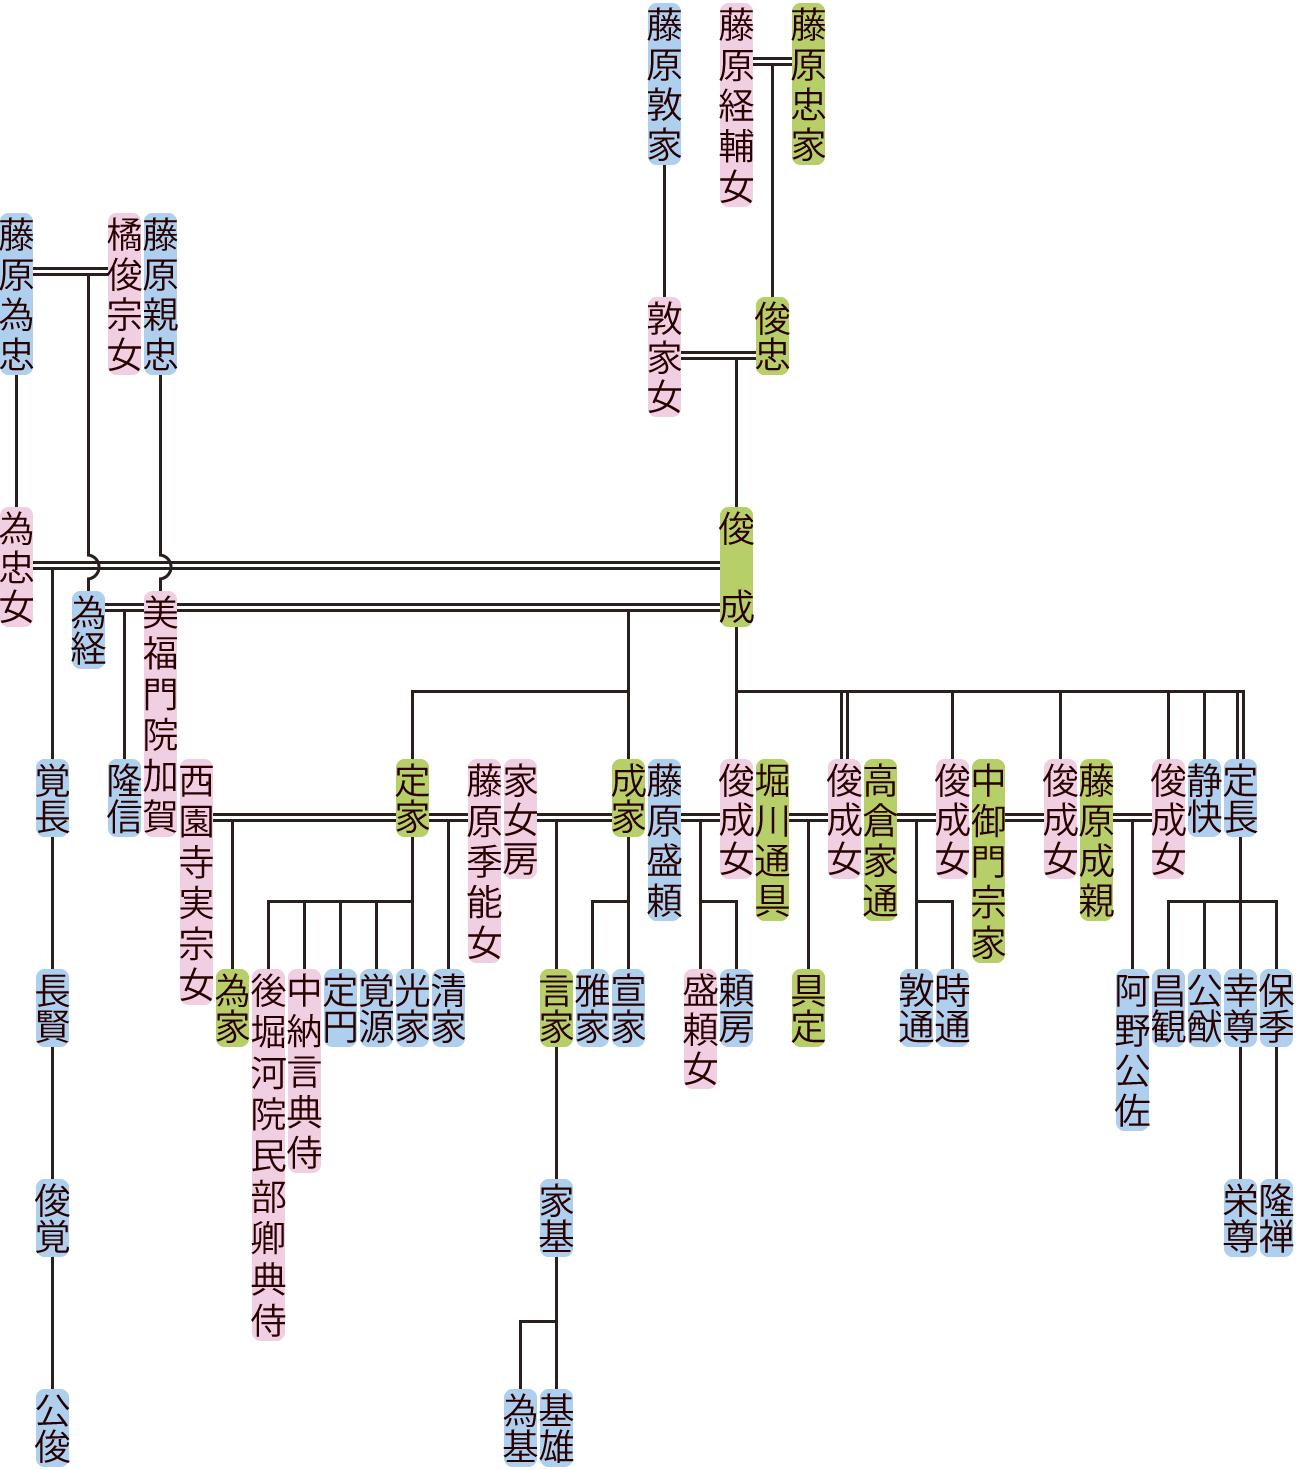 藤原俊成の系図